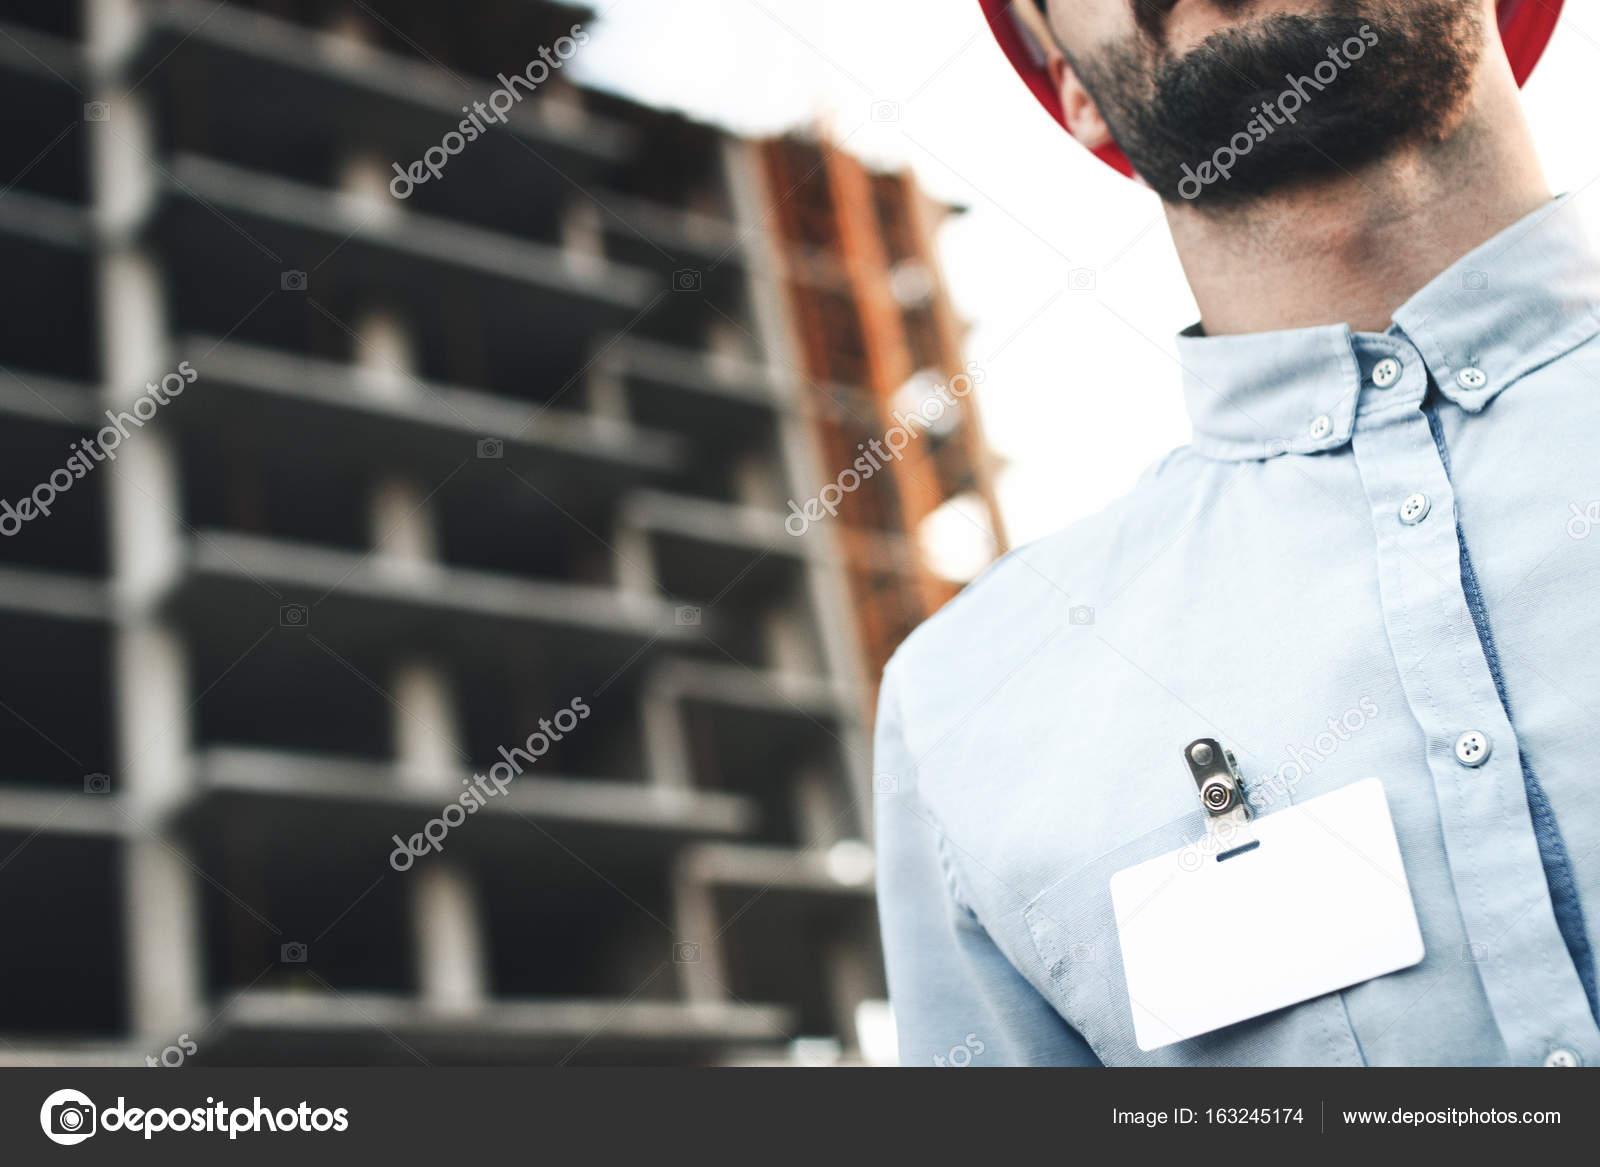 Blanc Carte Ou De Visite Insigne Sur La Poitrine Du Jeune Architecte Ingenieur Fond Dun Chantier Construction Images Stock